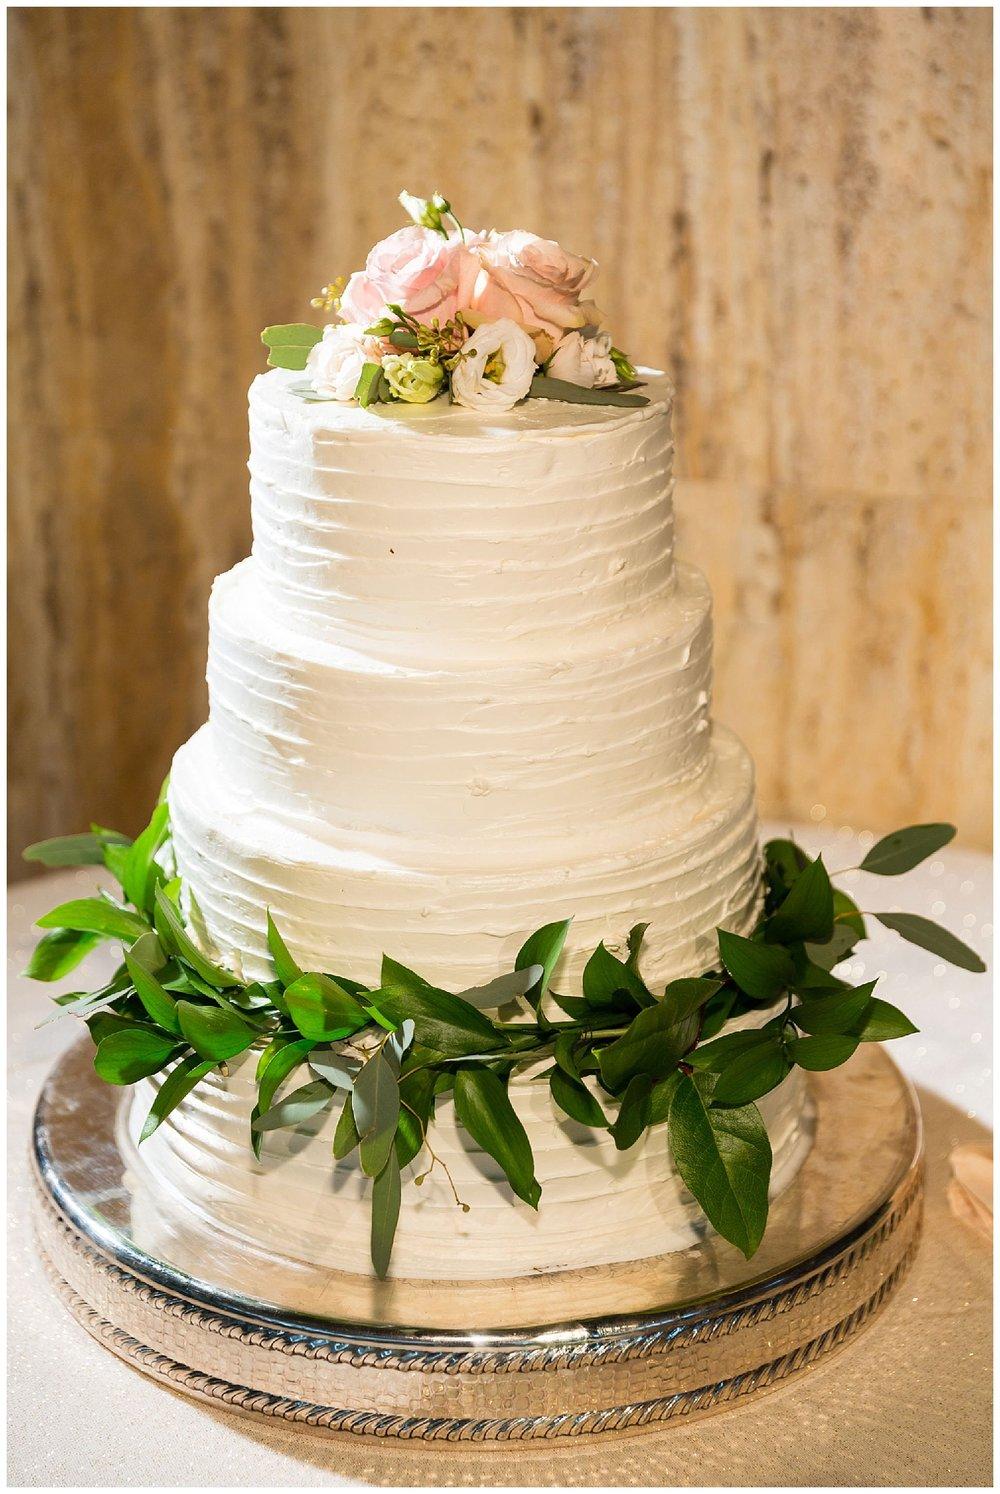 Priceton Weddings | New Jersey Weddings | TPC Jasna Polana Golf Club Wedding, Princeton, NJ | www.redoakweddings.com